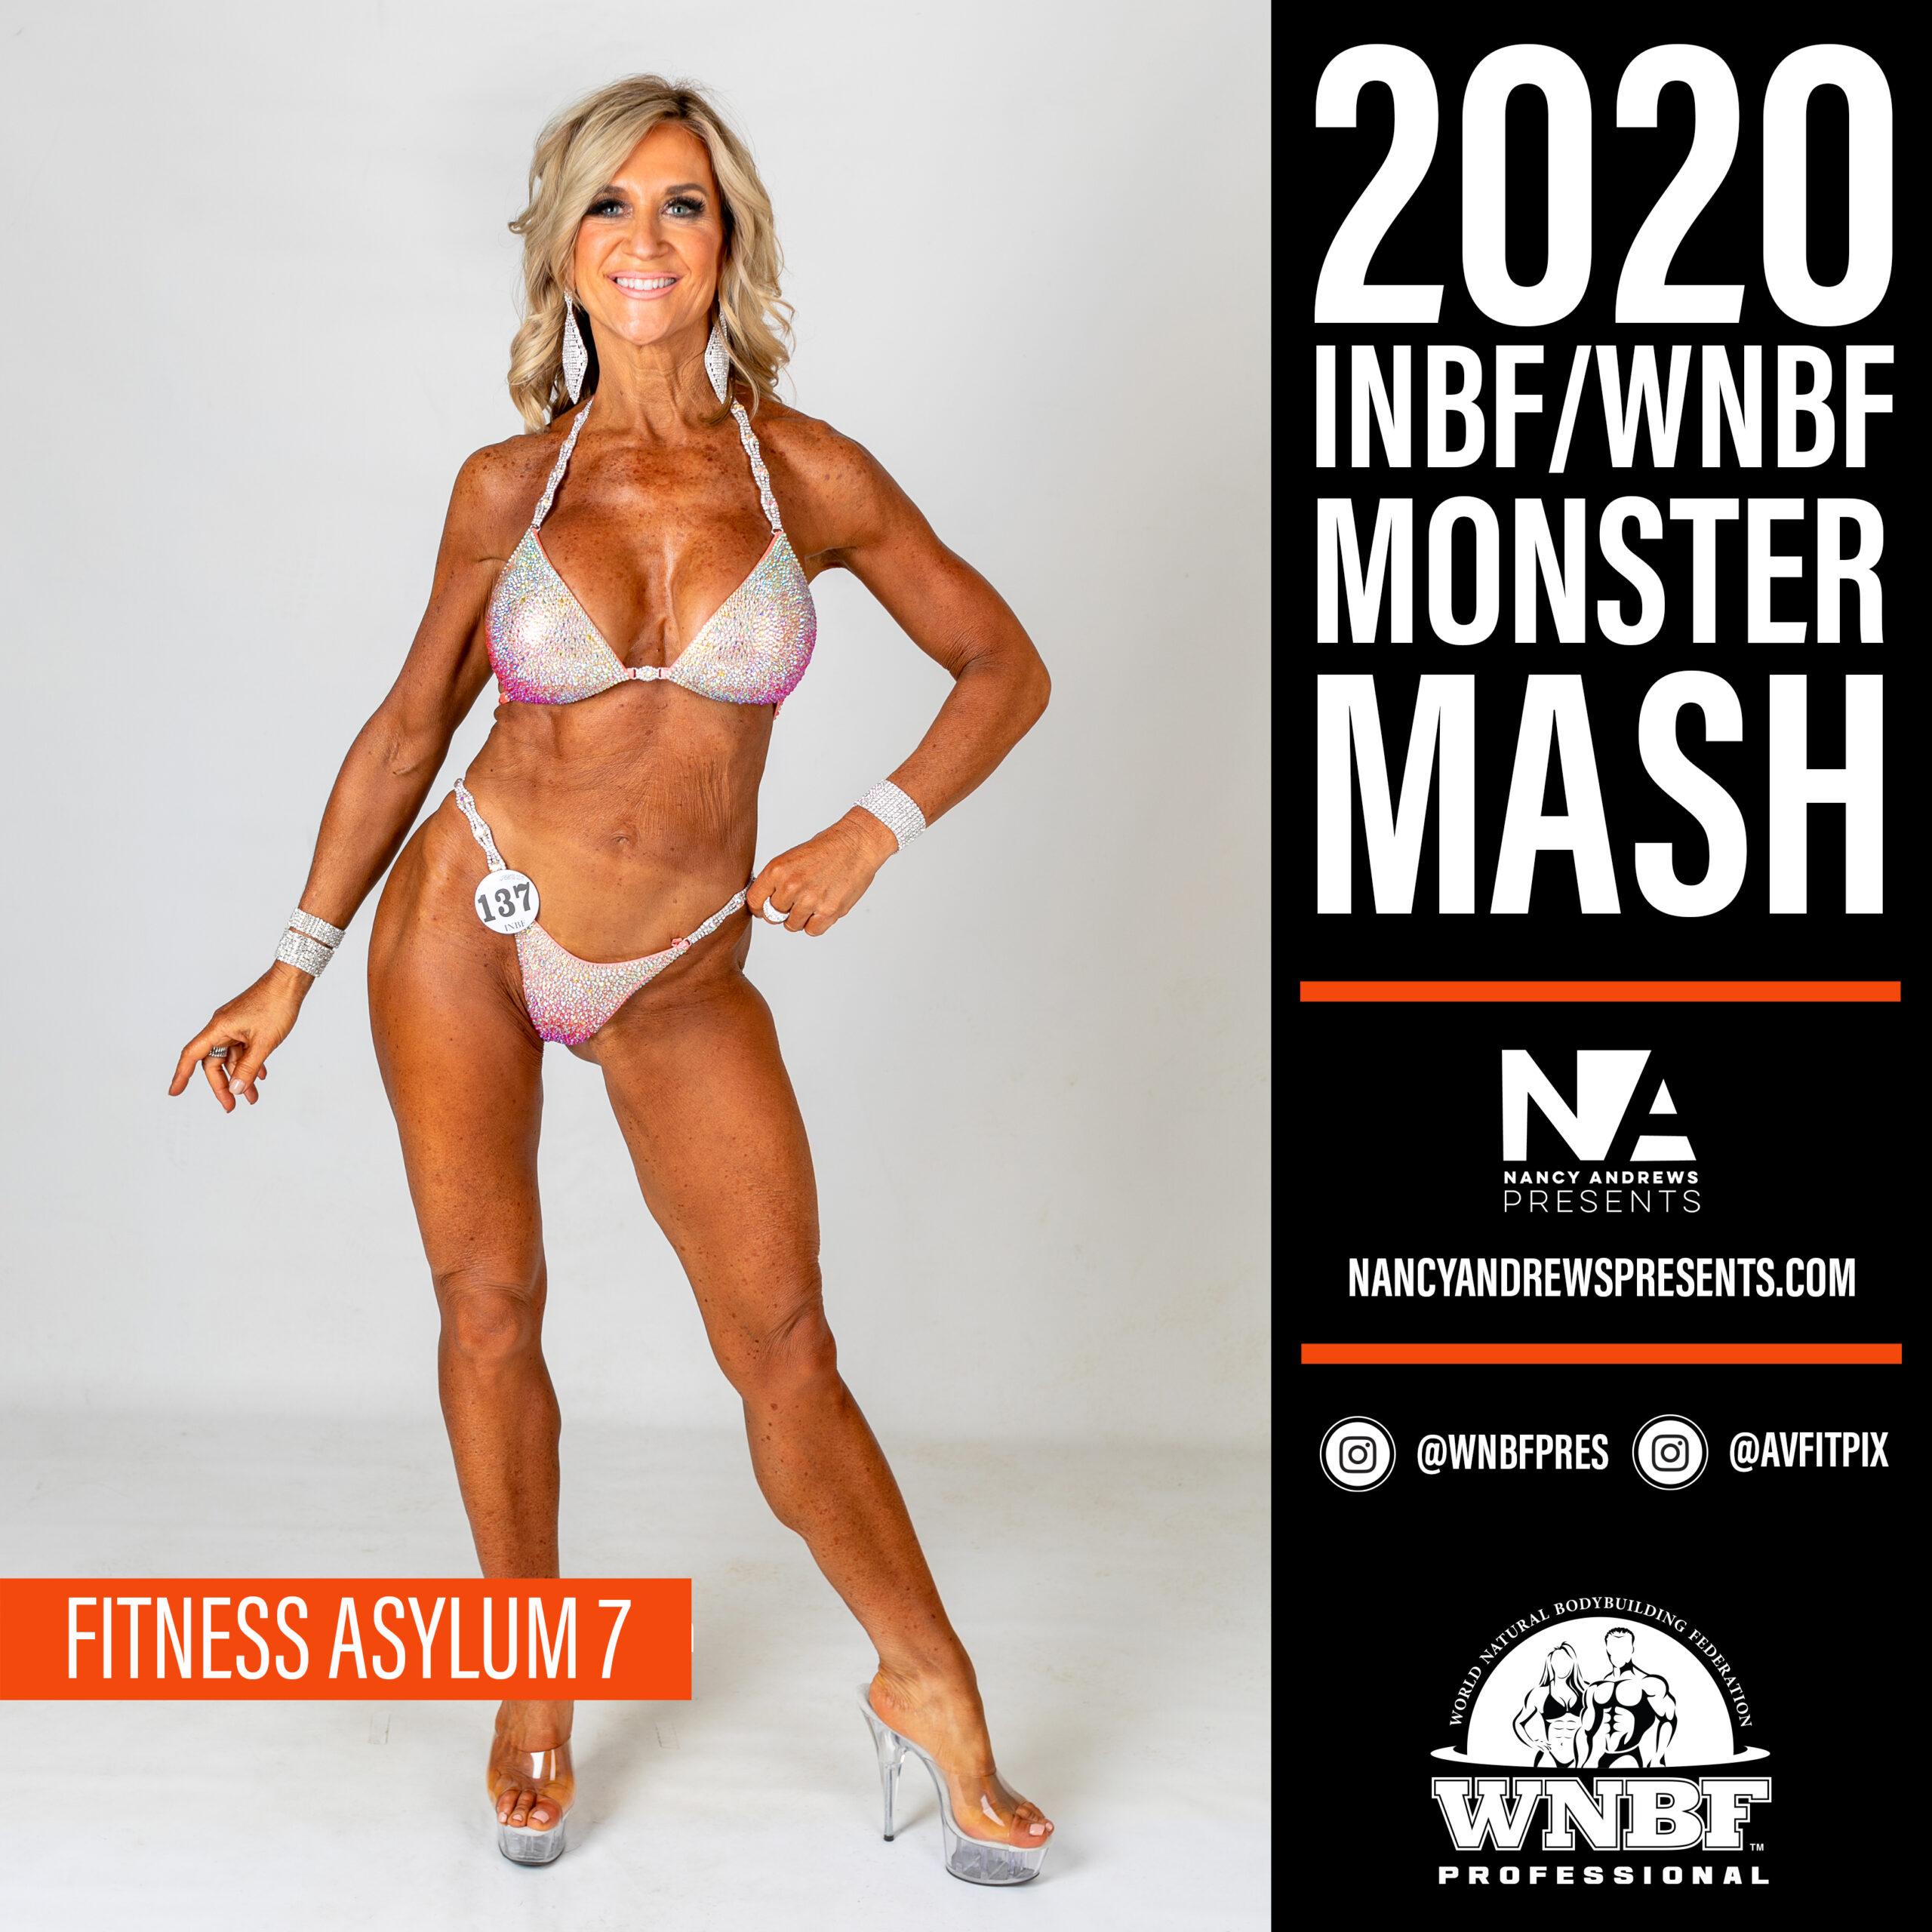 INBF Monster Mash 2020 - Fitness Asylum7